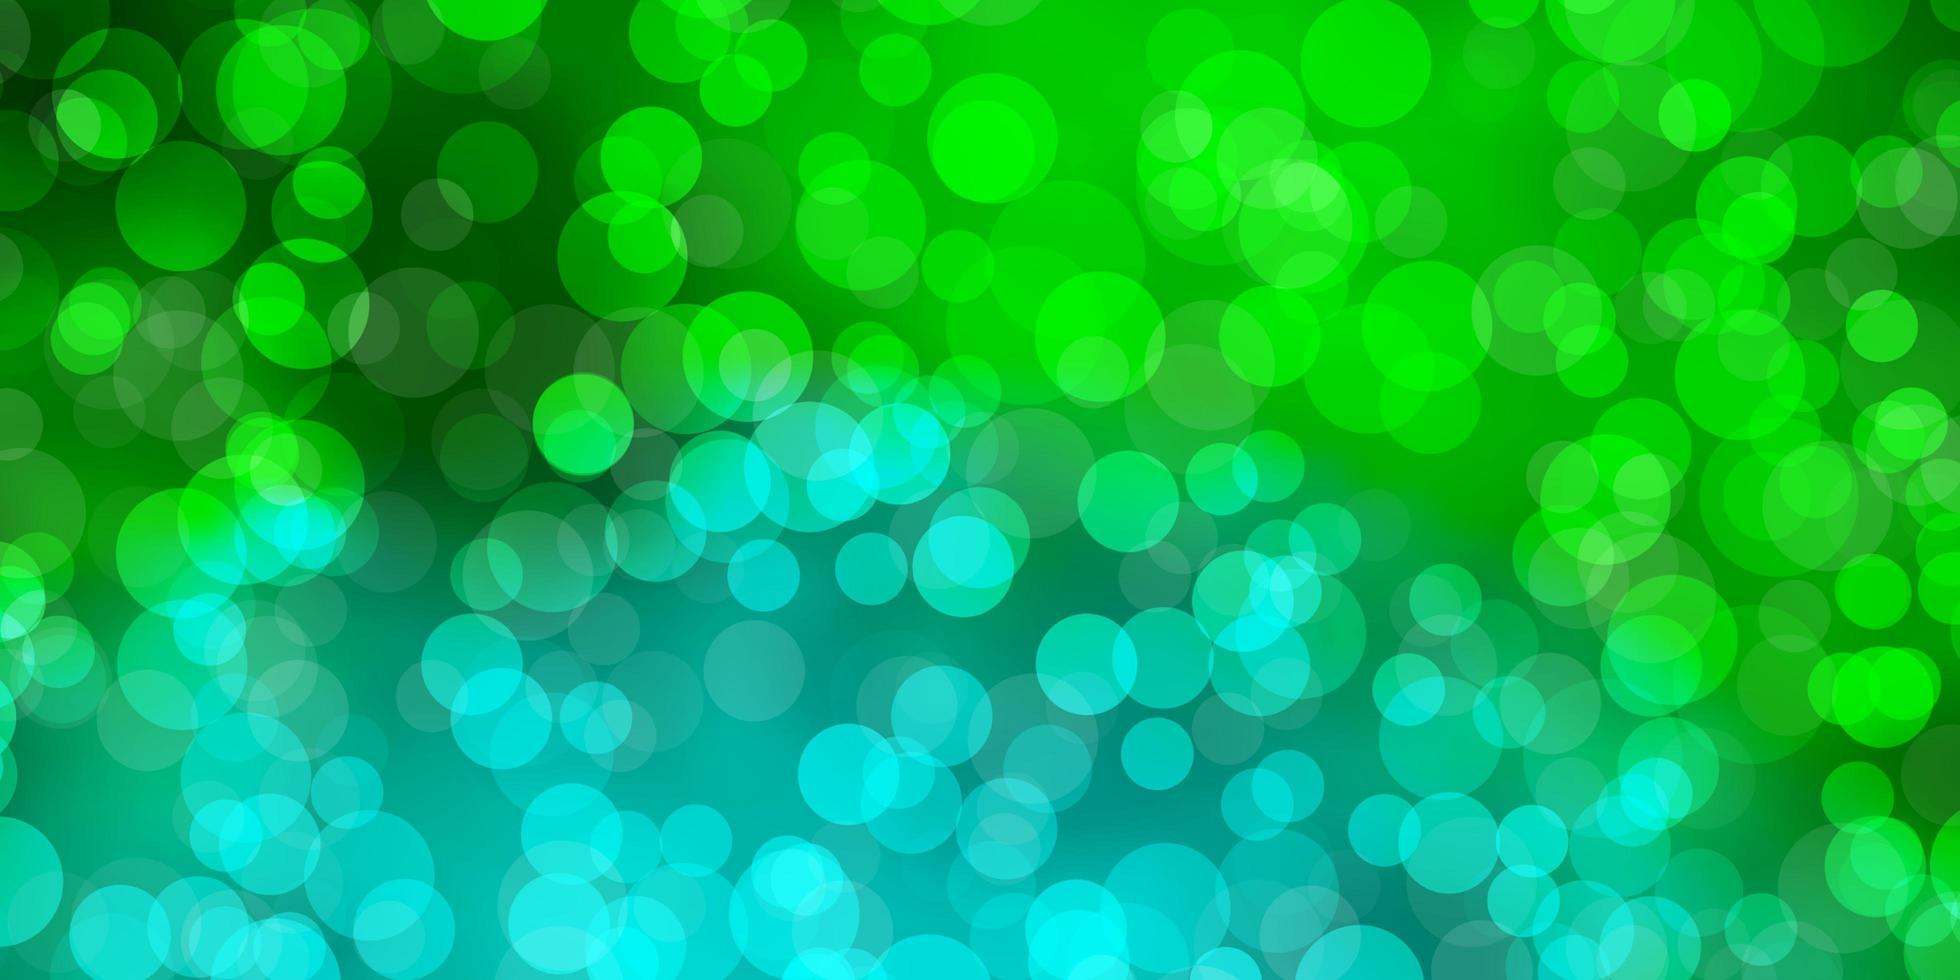 Fondo de vector verde claro con burbujas.